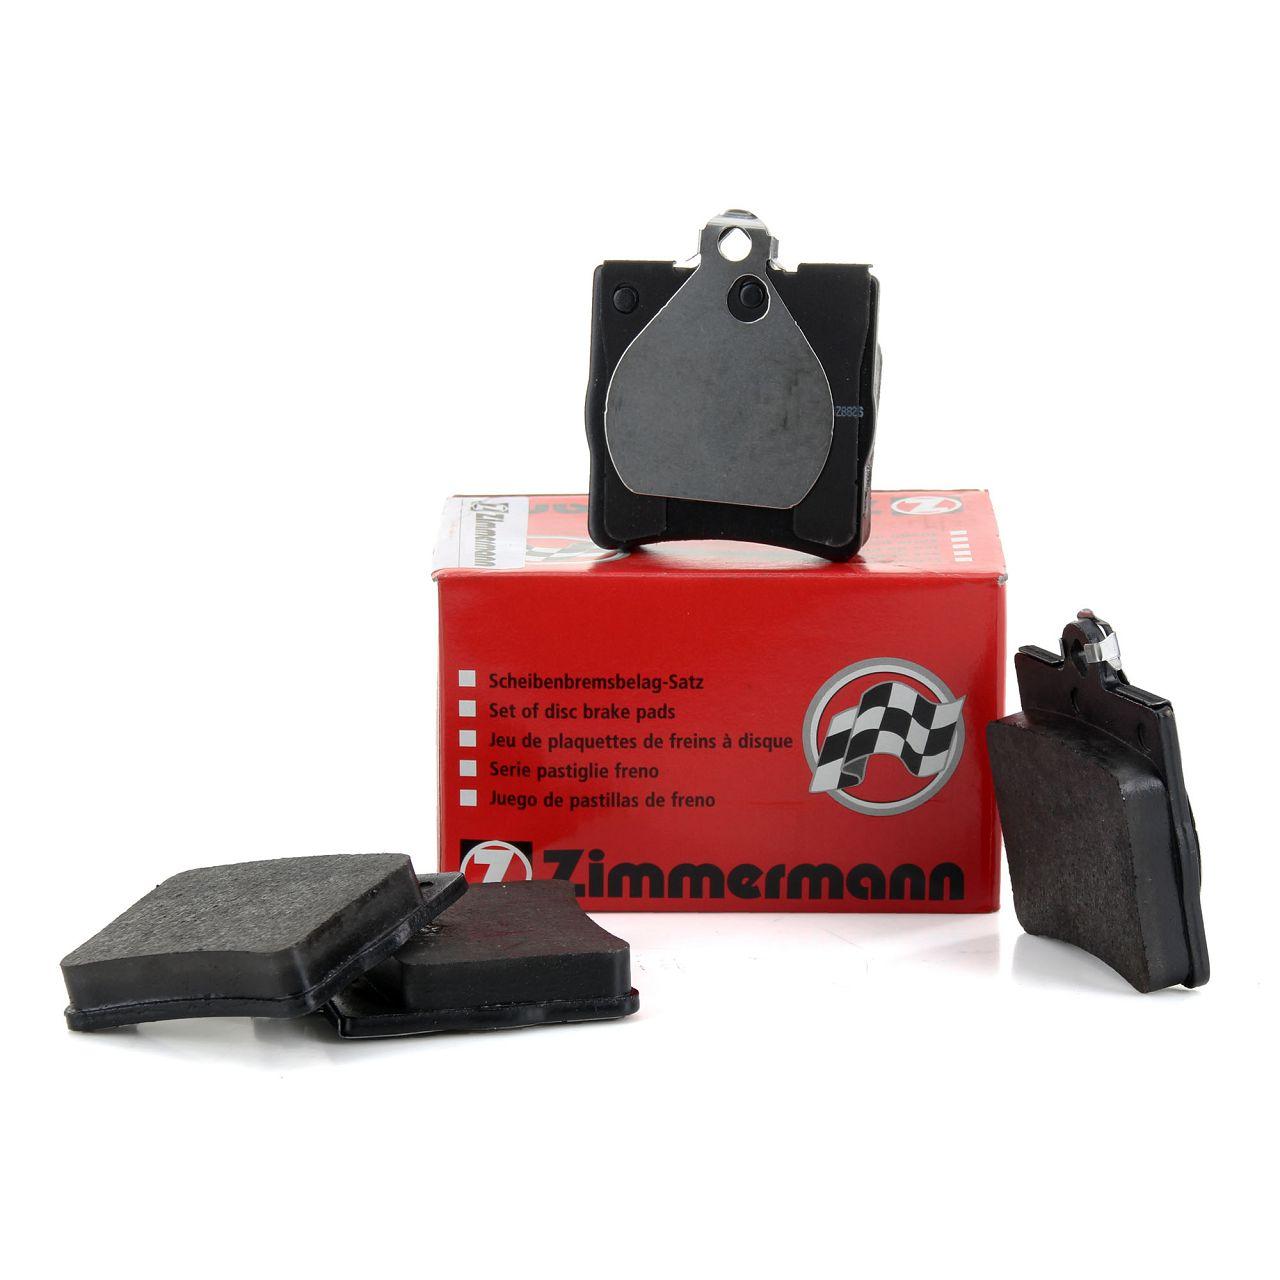 ZIMMERMANN Bremsbeläge Bremsklötze für MERCEDES W202 W203 W210 R170 R171 hinten